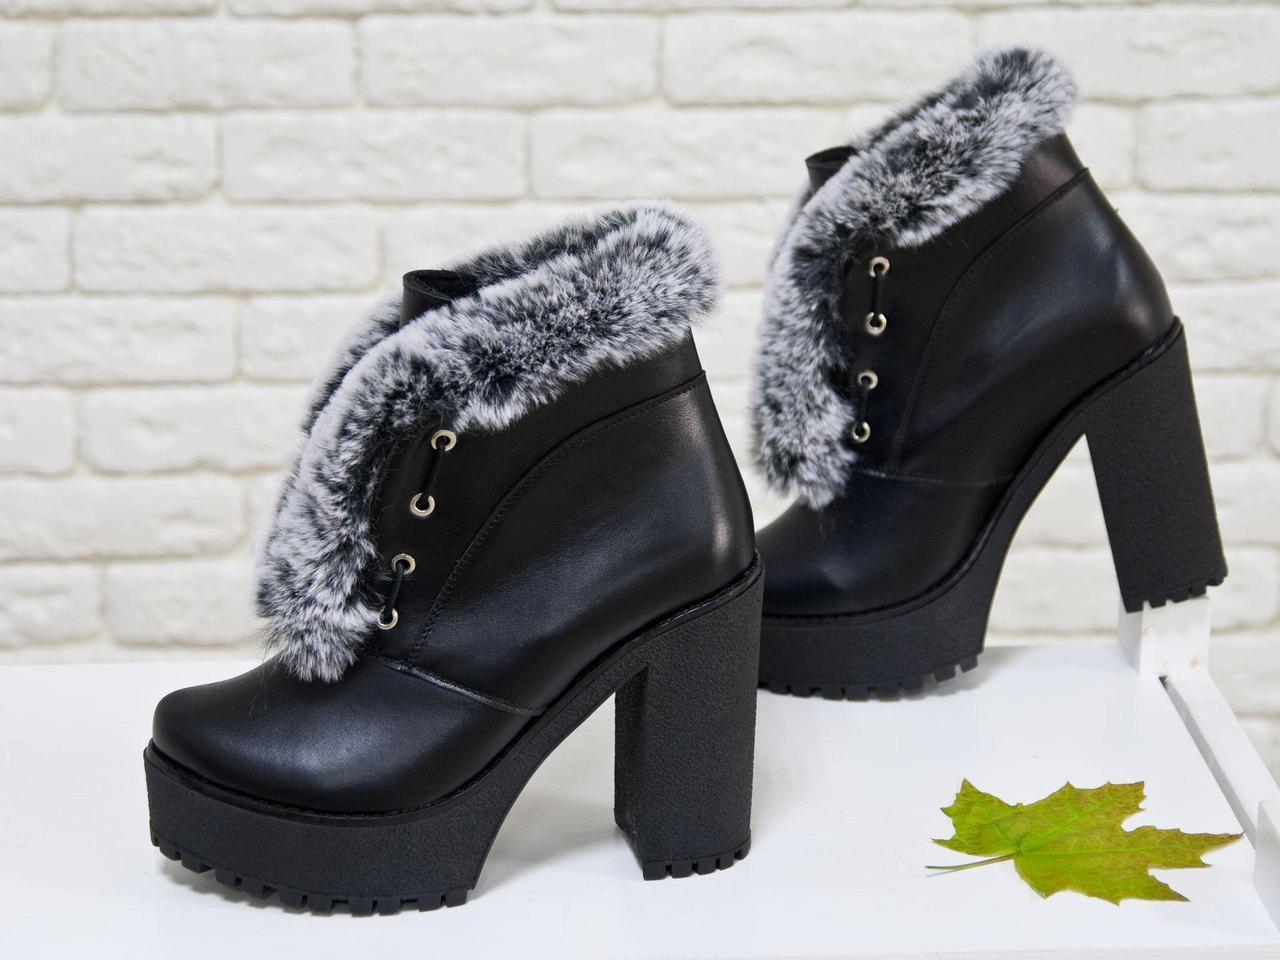 """Оригинальные женские кожаные Ботинки черного цвета, на высоком но устойчивом каблуке, украшены эко-мехом """"шиншила"""", на шнуровке, Коллекция Осень-Зима"""